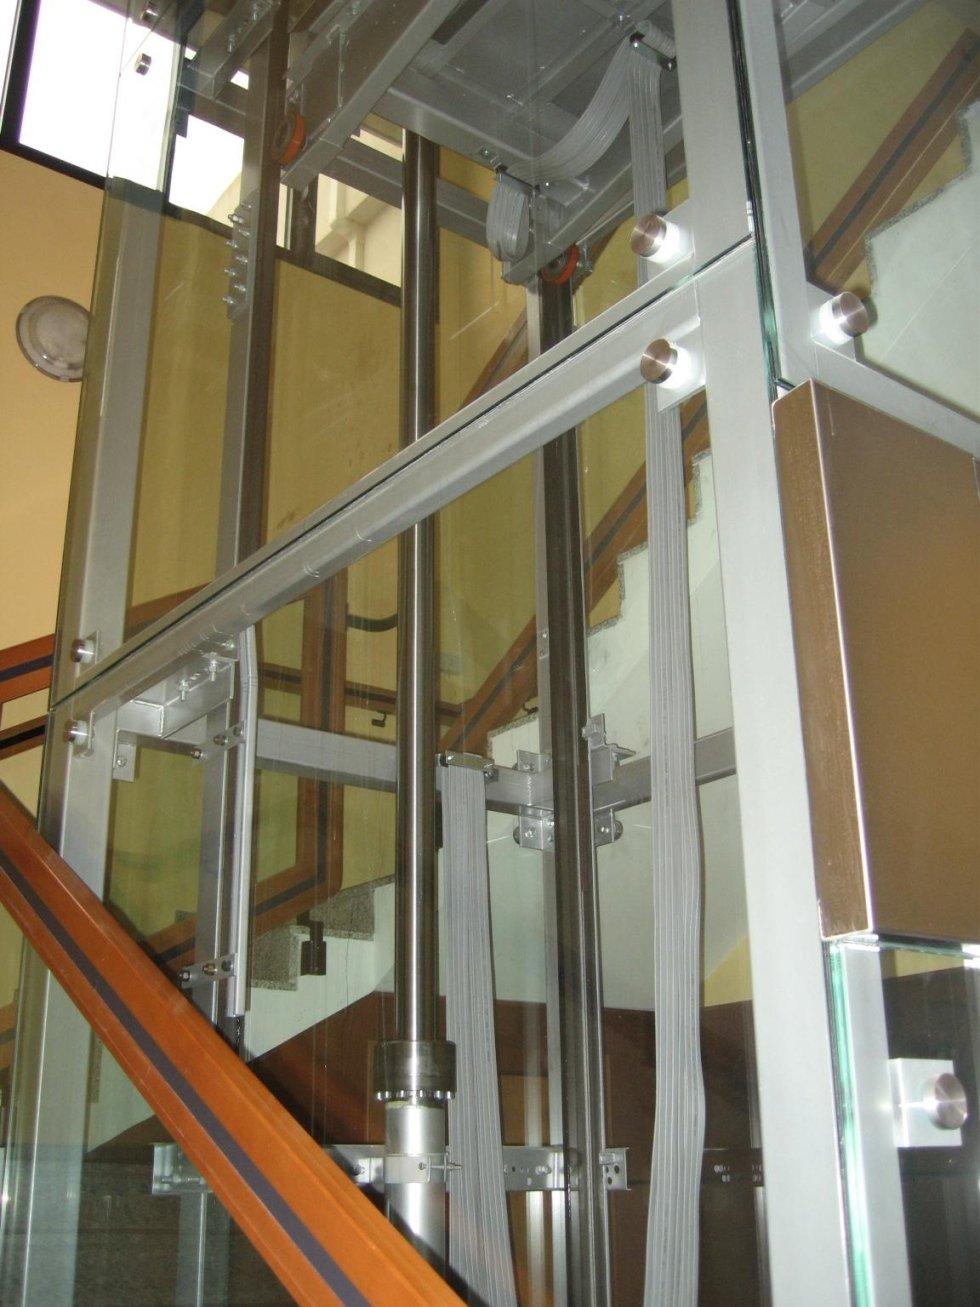 ascensore con incastellatura in metallo e vetro